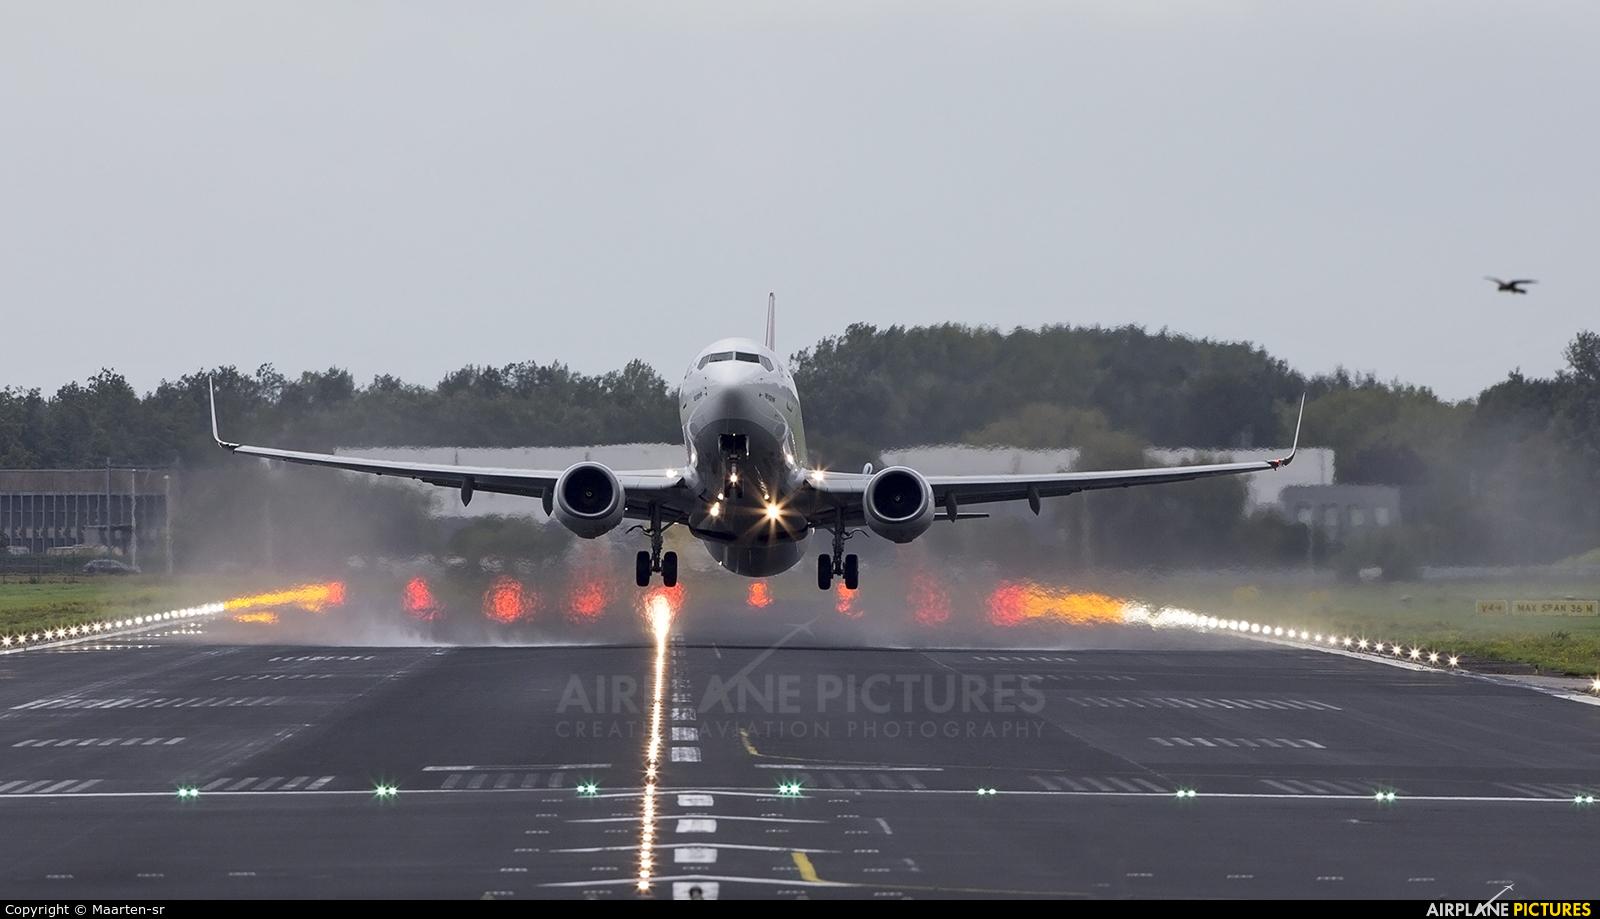 Turkish Airlines TC-JGD aircraft at Rotterdam